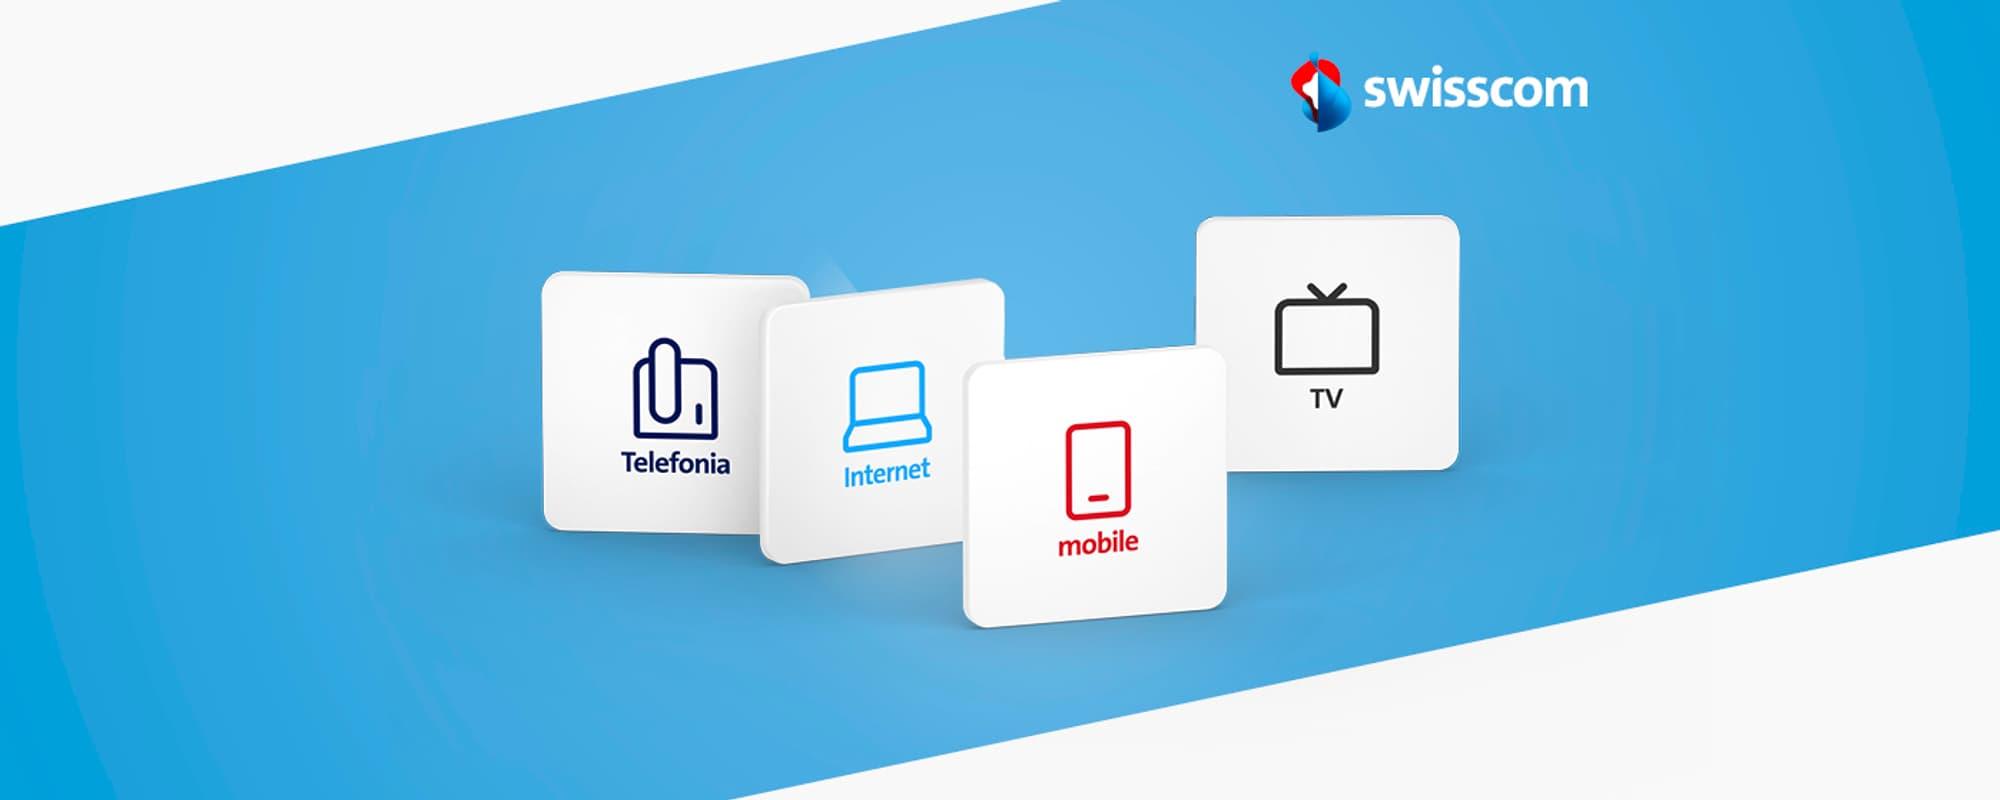 Swisscom inOne home